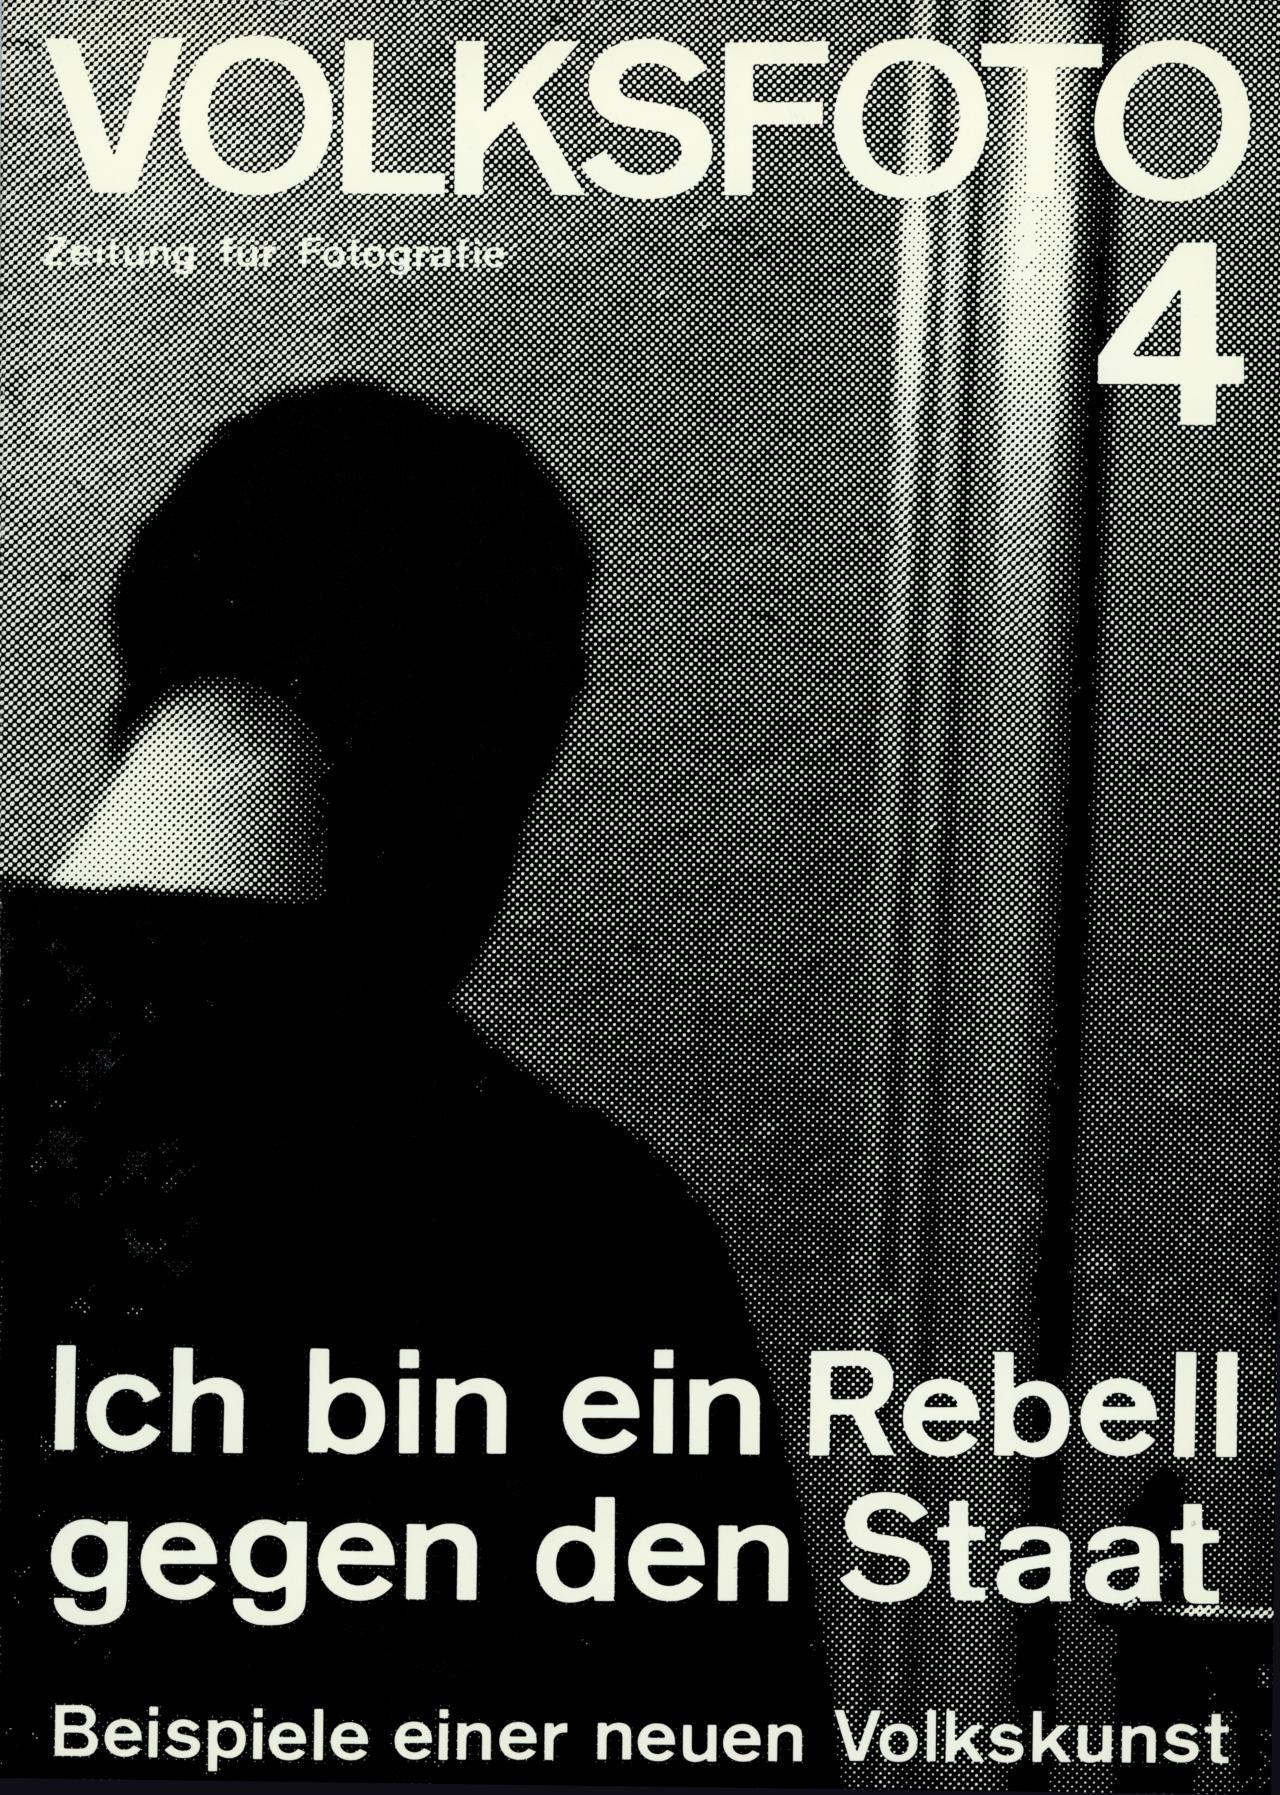 Andreas Seltzer und Dieter Hacker (Hg.), Volksfoto. Zeitung für Fotografie. Ich bin ein Rebell gegen den Staat. Beispiele einer neuen Volkskunst, Nr. 4, 7. Produzentengalerie, Berlin, 1978.